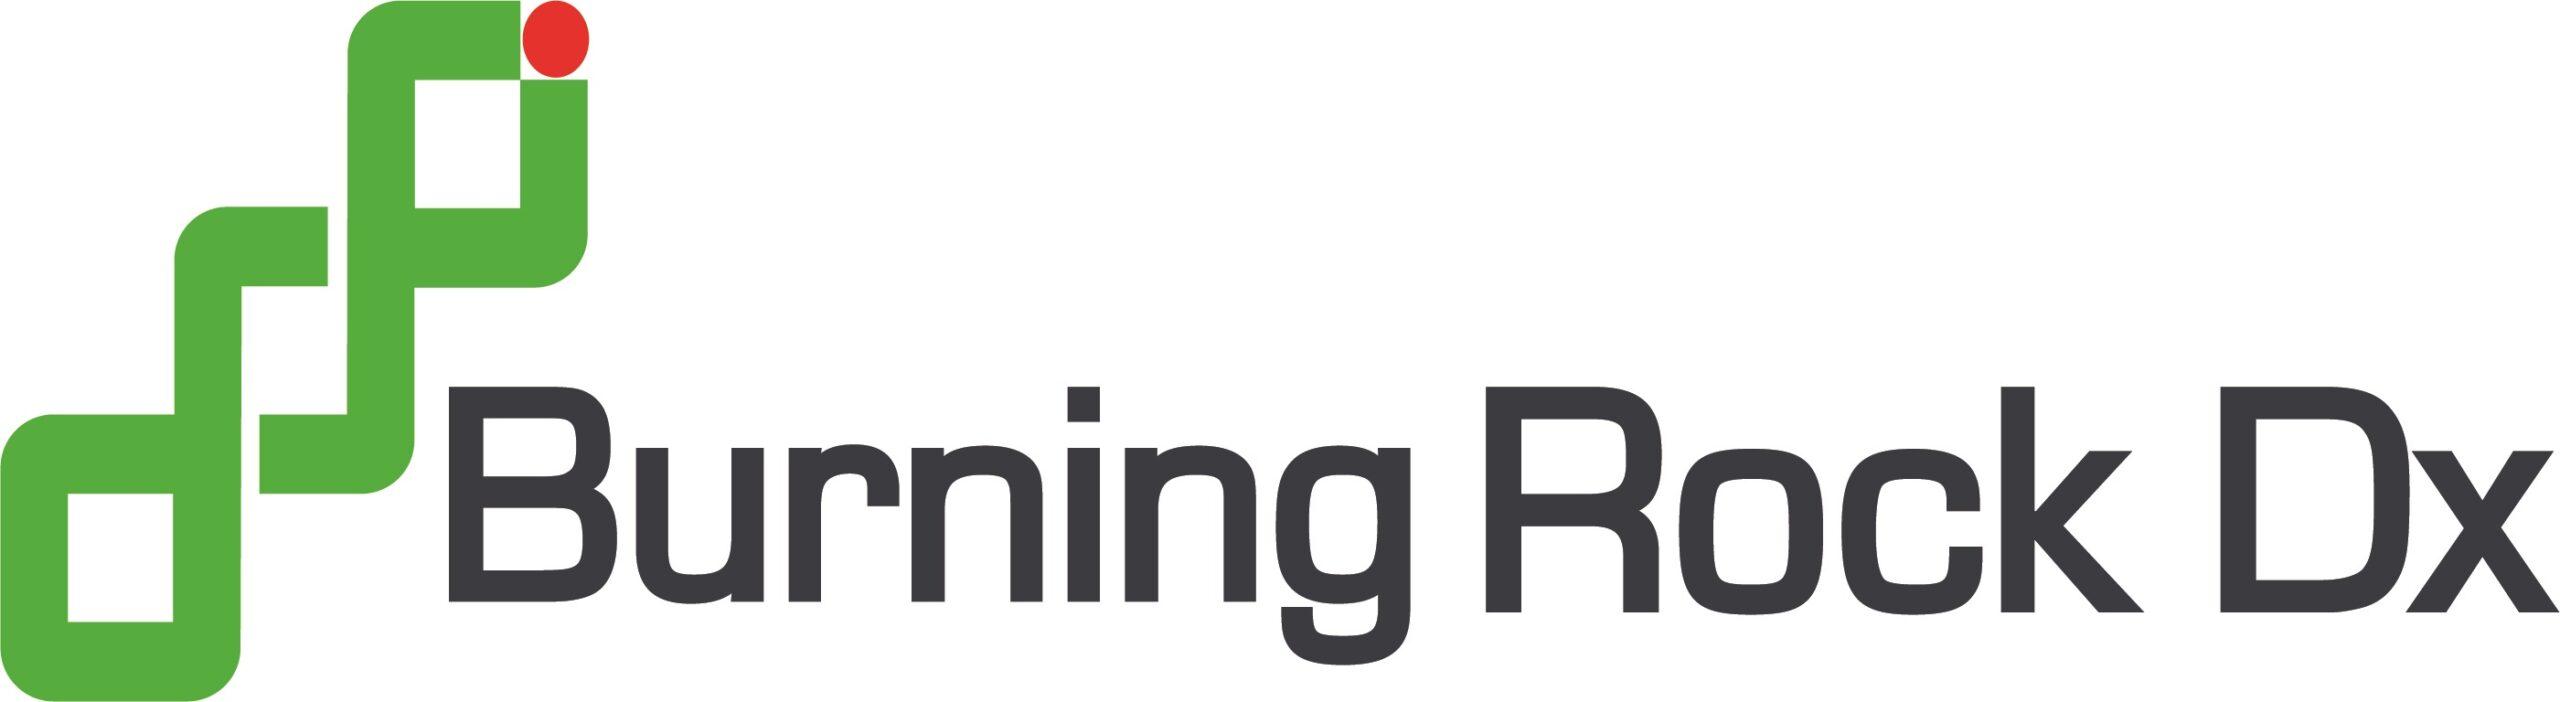 Burning Rock Dx_logos_final logo (002)